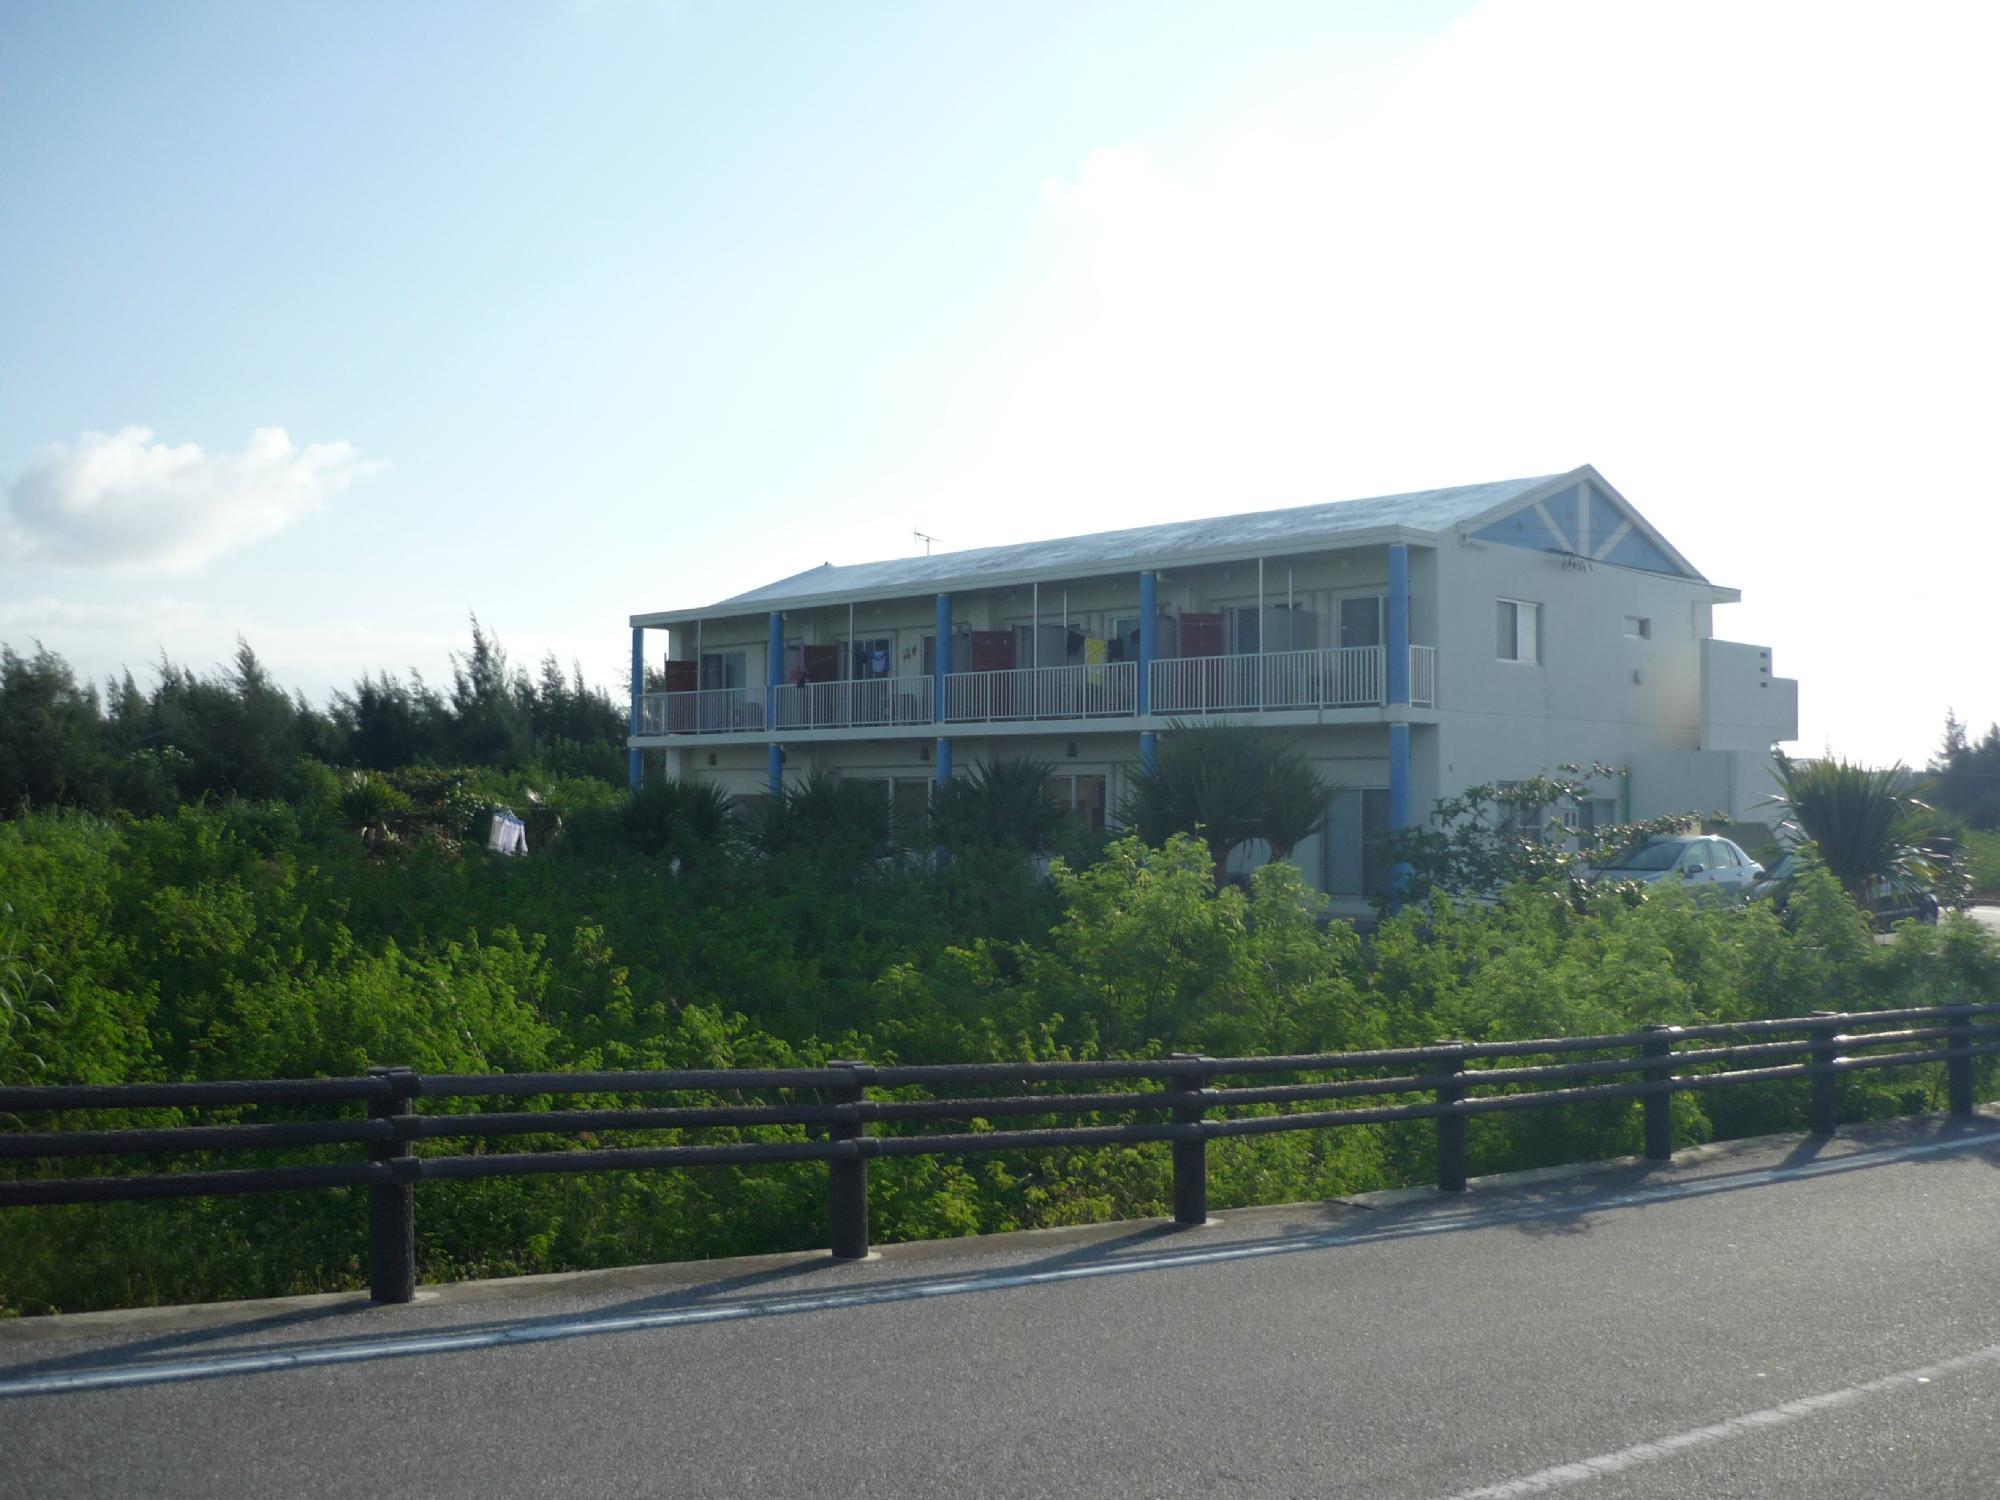 Inaunosato